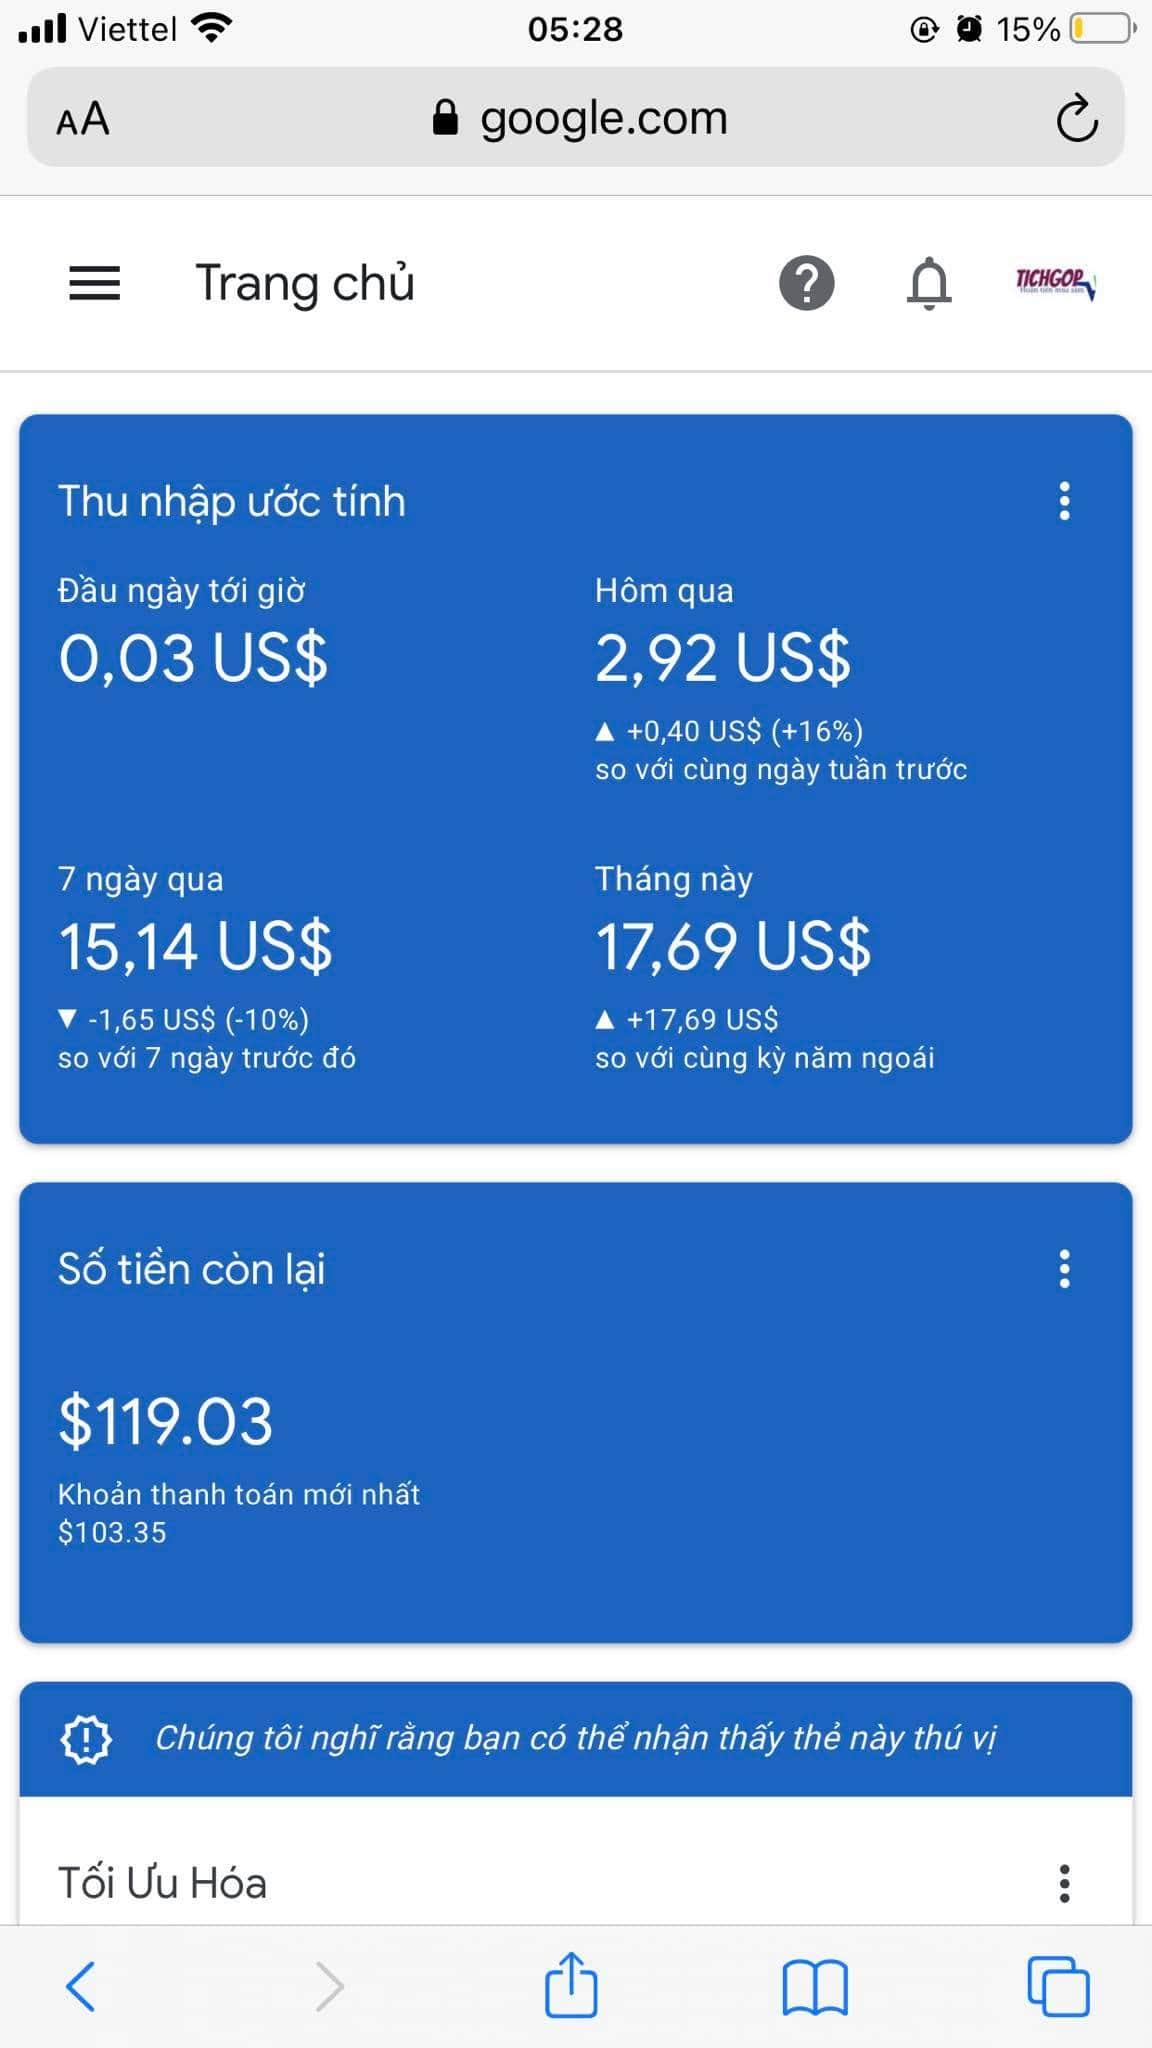 Google Adsen là một nguồn thu nhập thụ động đáng kể